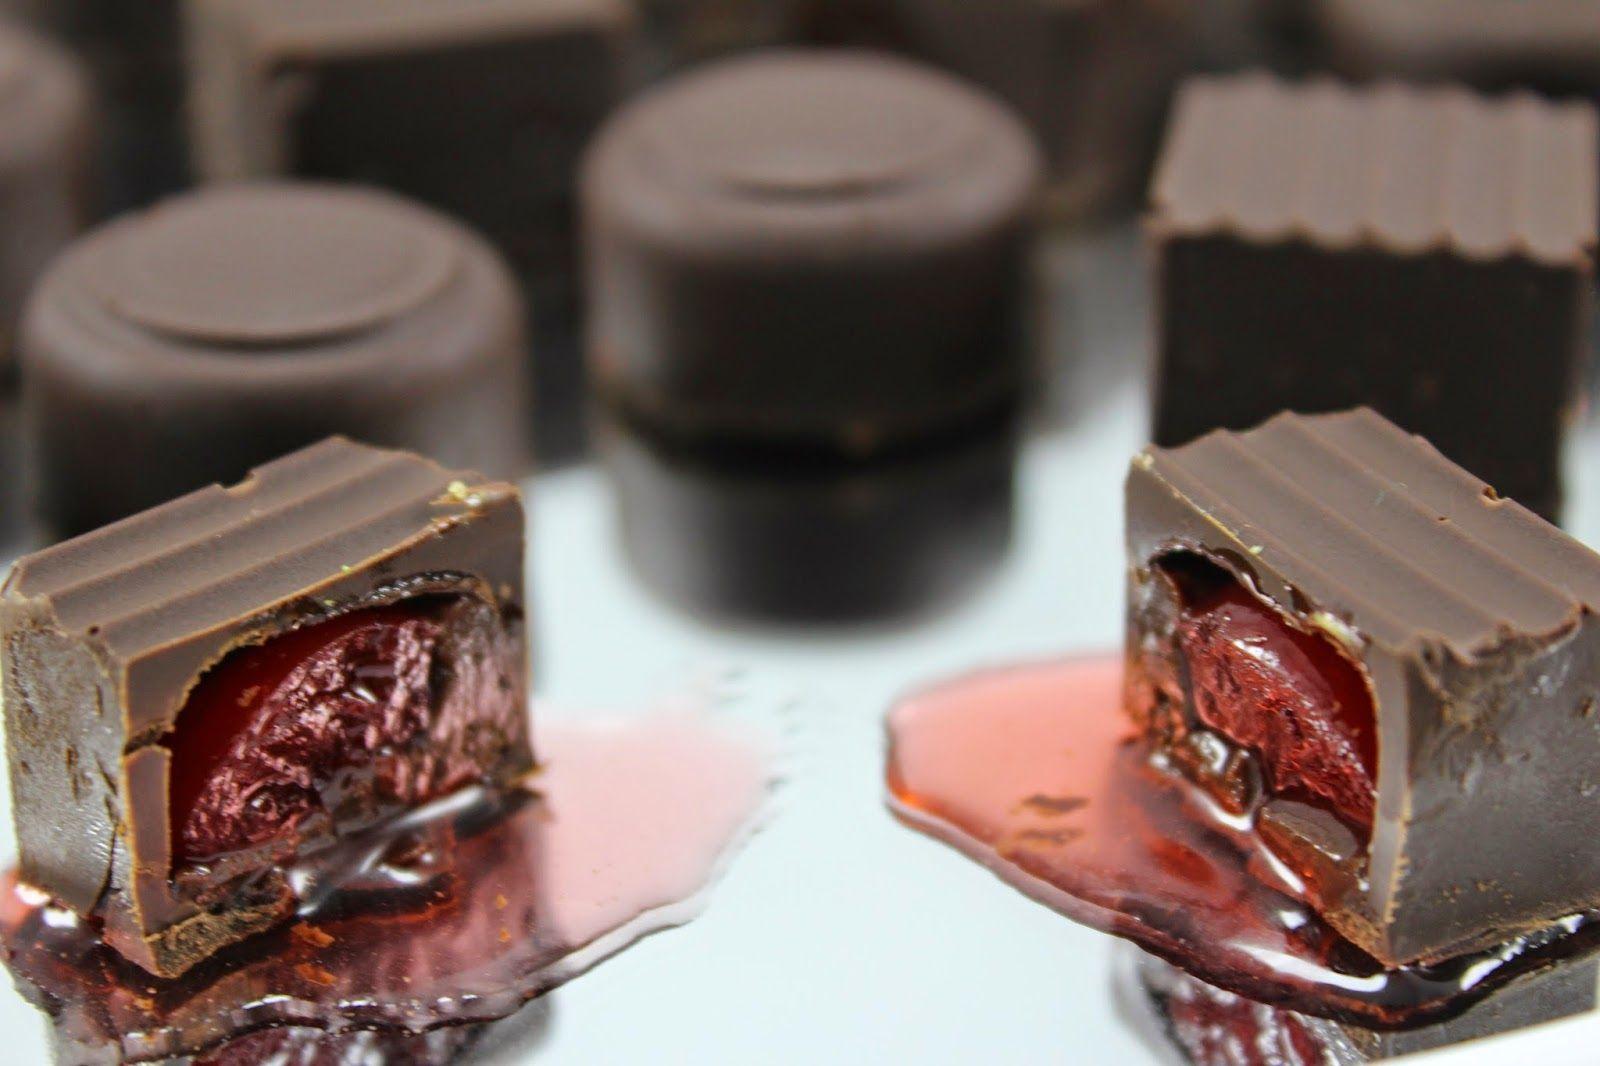 Blog Con Recetas Sencillas Rápidas Y Económicas De Cocina Tradicional Realizadas Por Ana Sevilla Bombones De Licor Bombones De Chocolate Recetas De Bombones